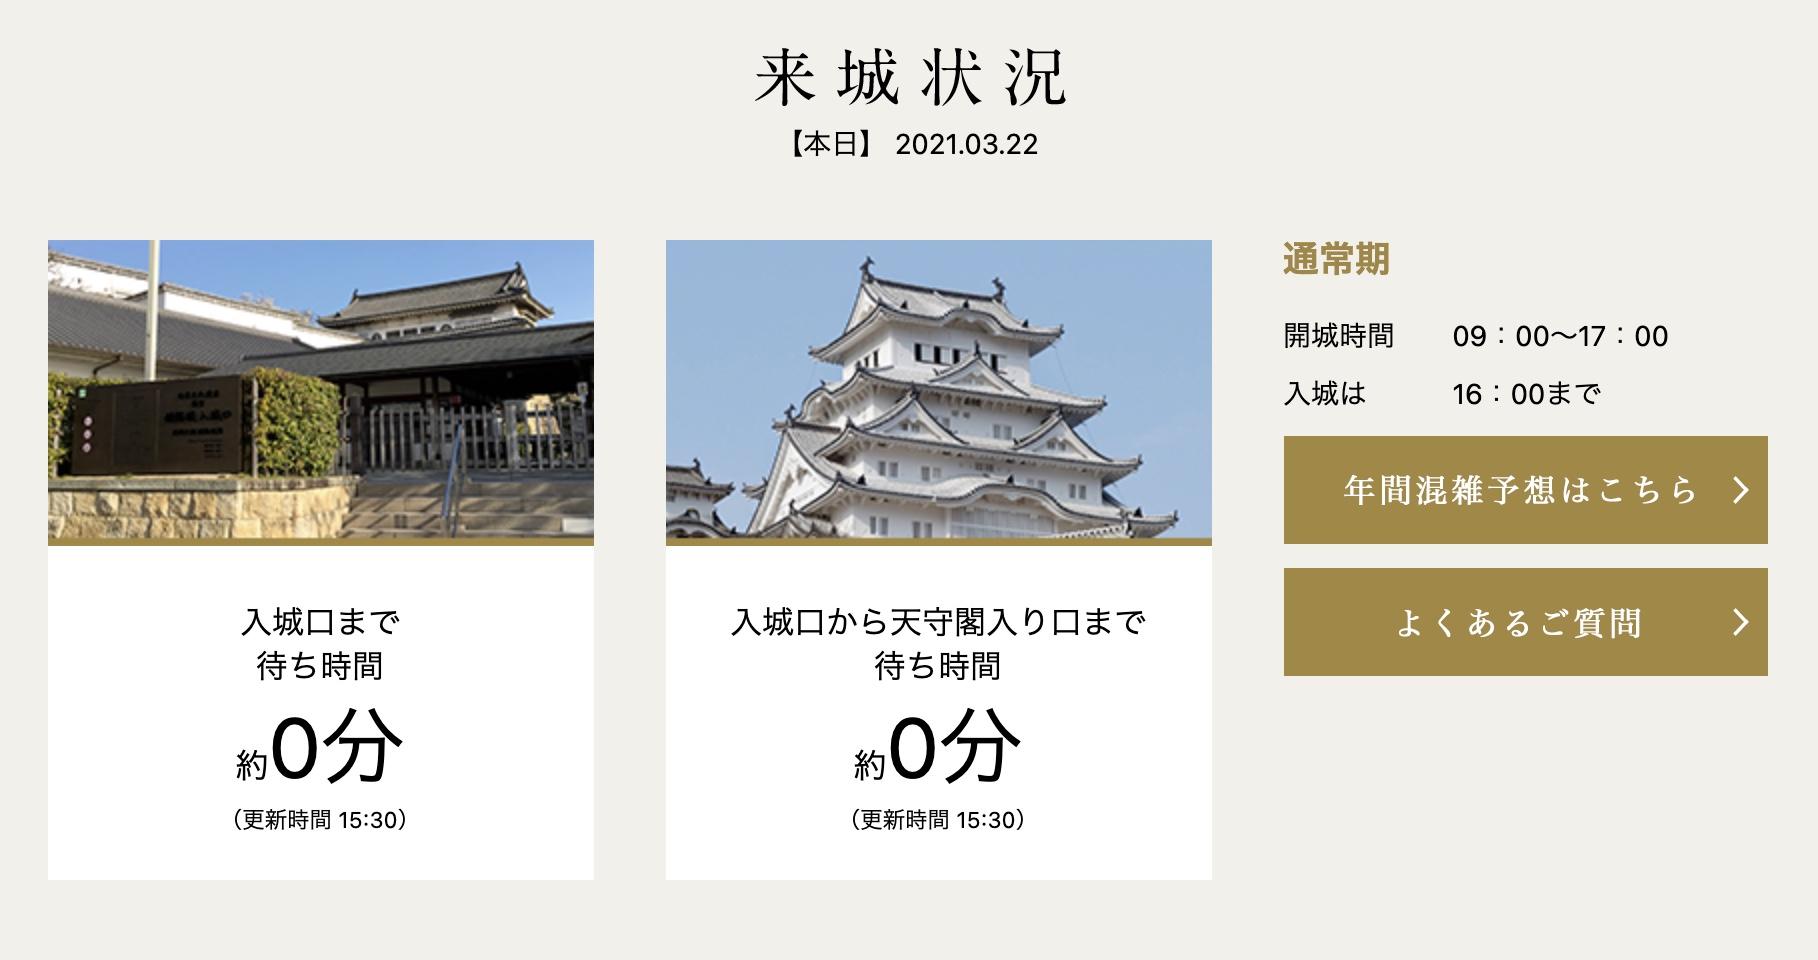 姫路城-桜リアルタイム入場者数